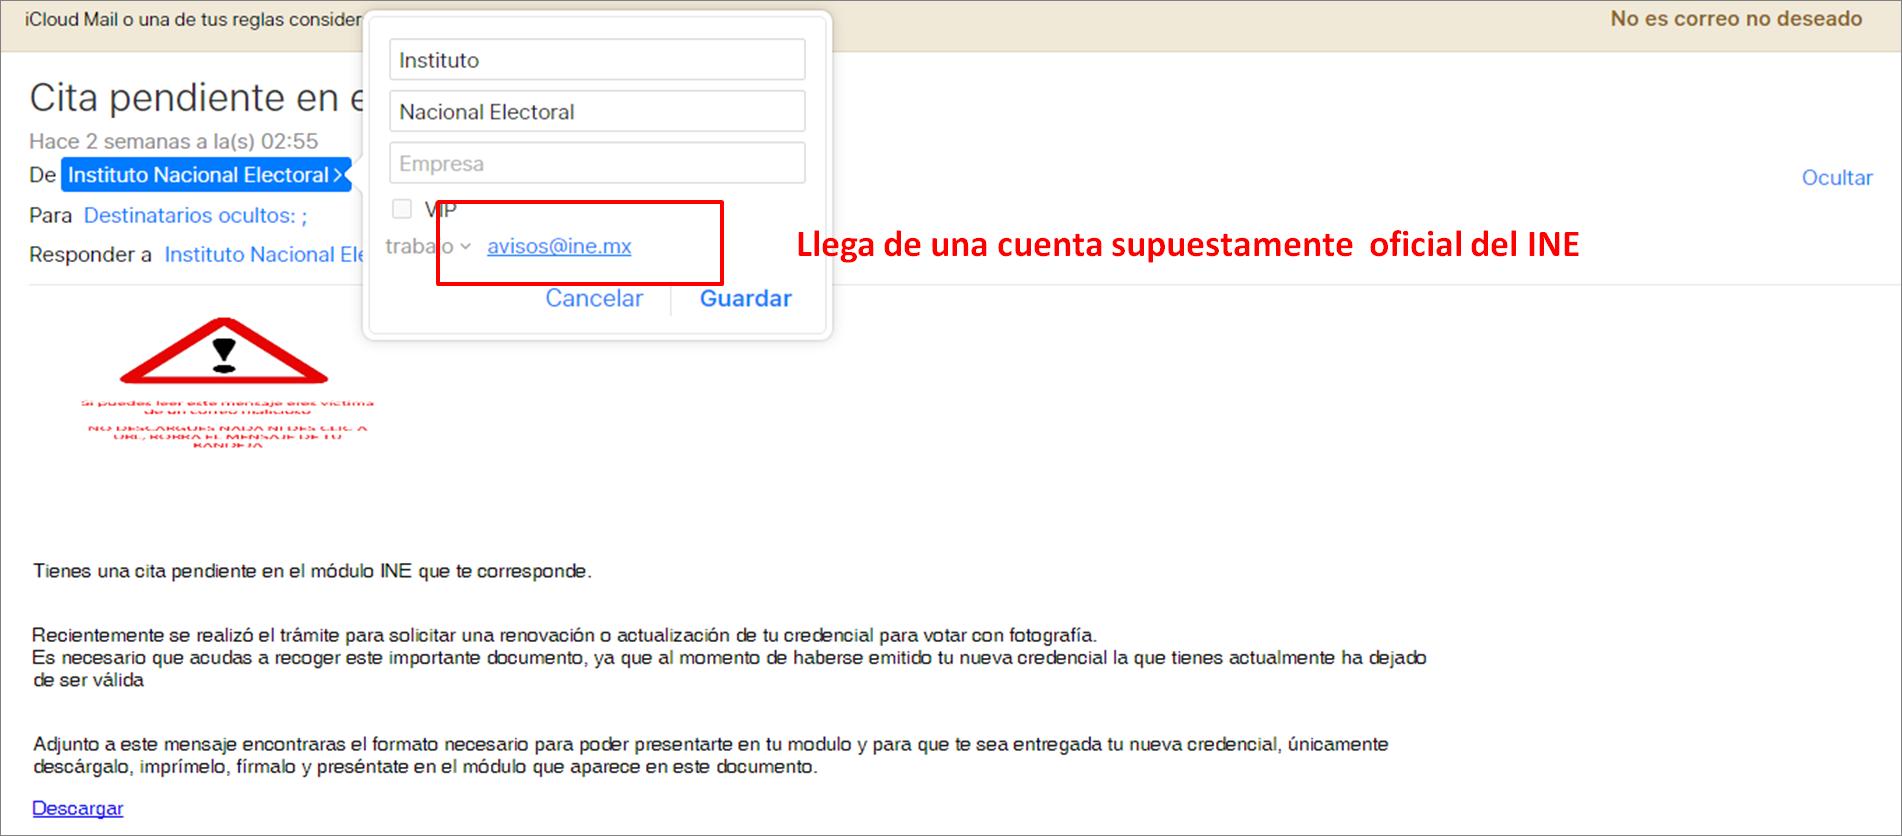 Suplantan identidad del INE en correo electrónico con malware